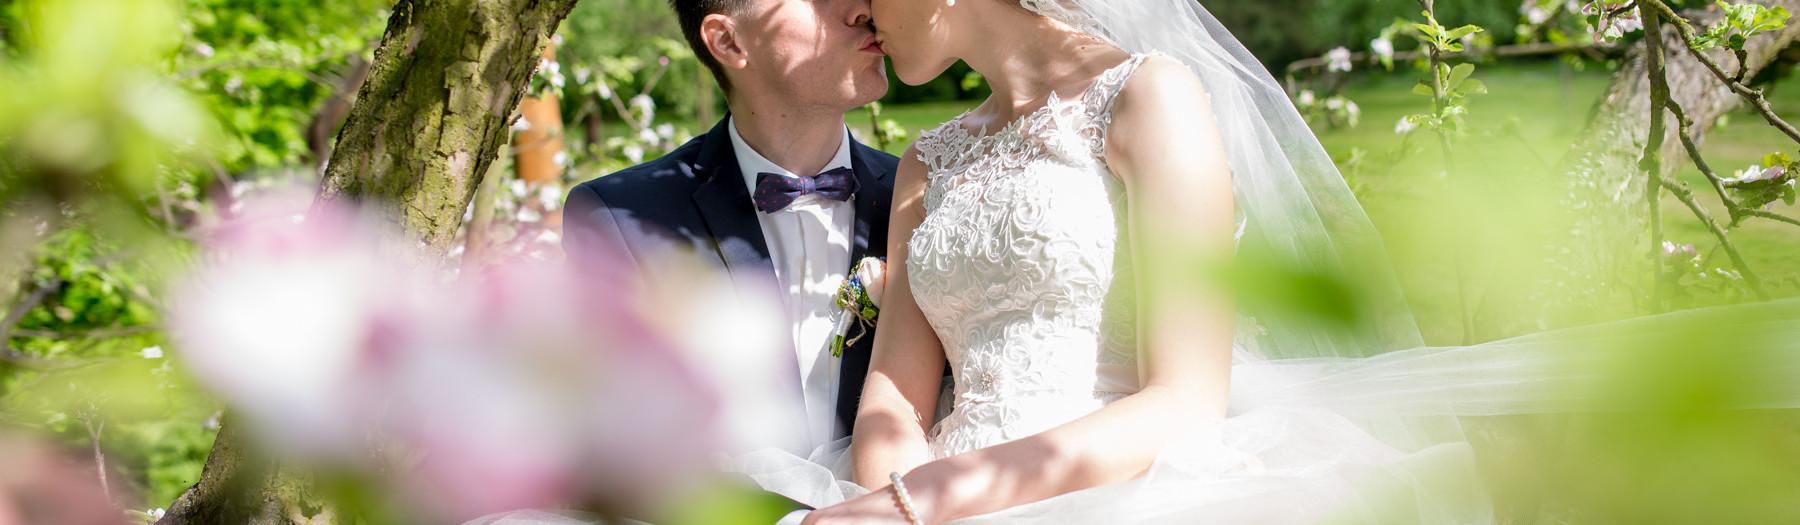 Adam&Marie - svatba u vodníka Slámy